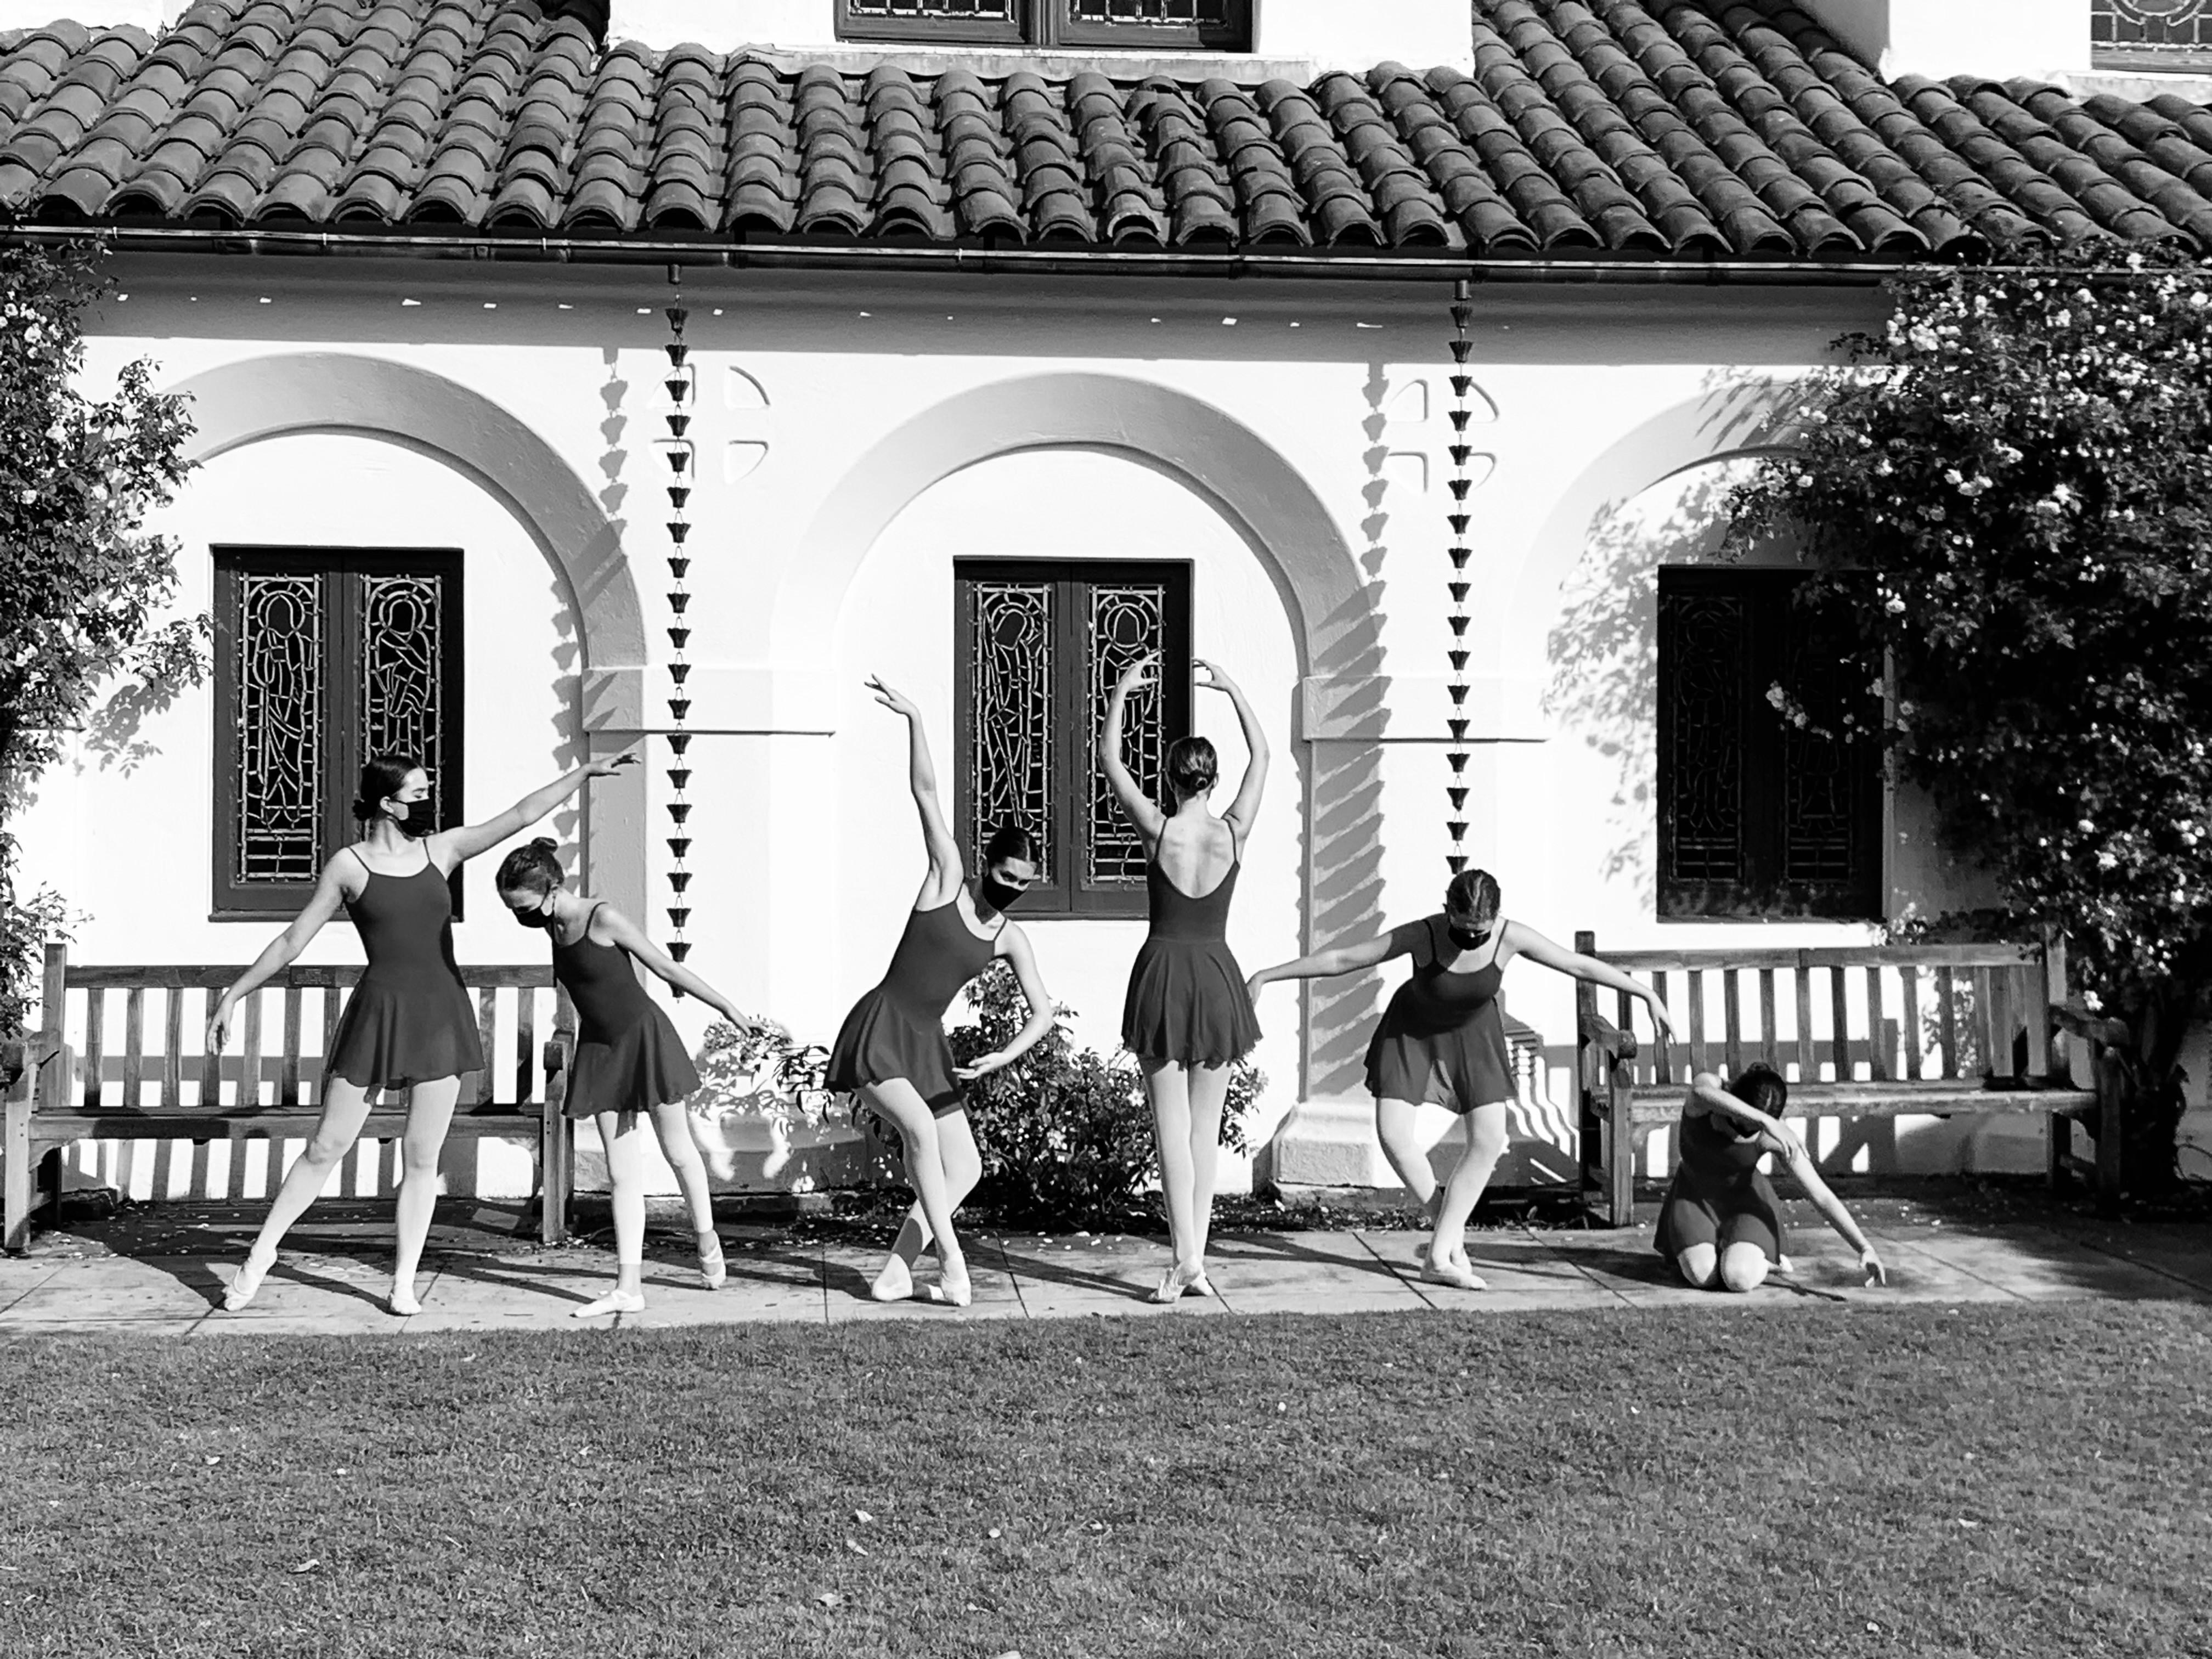 Ballet & Pointes (13-17 yo)